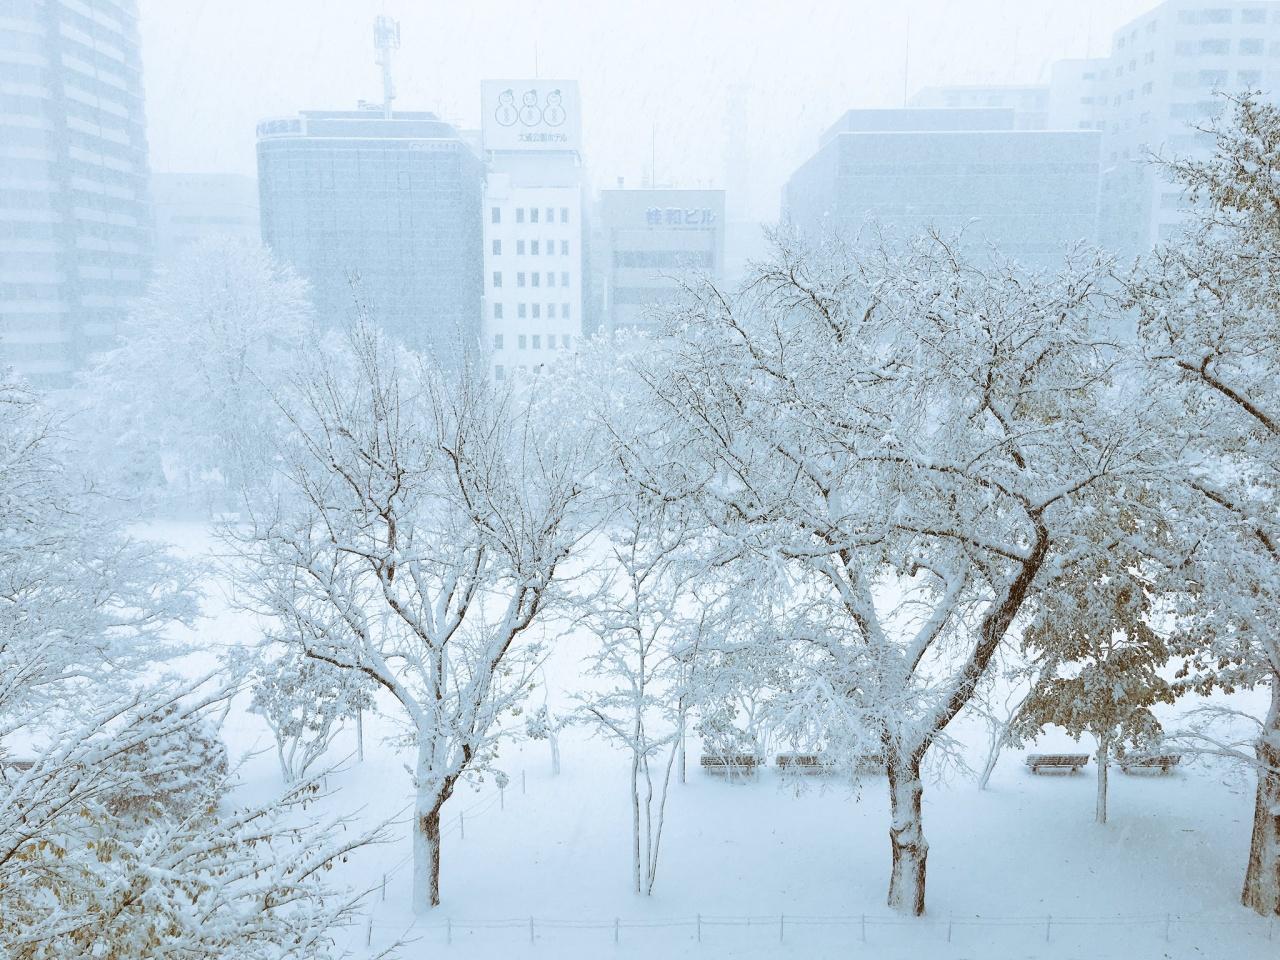 札幌大通公園昨天下雪,景色白濛濛一片。(網絡圖片)